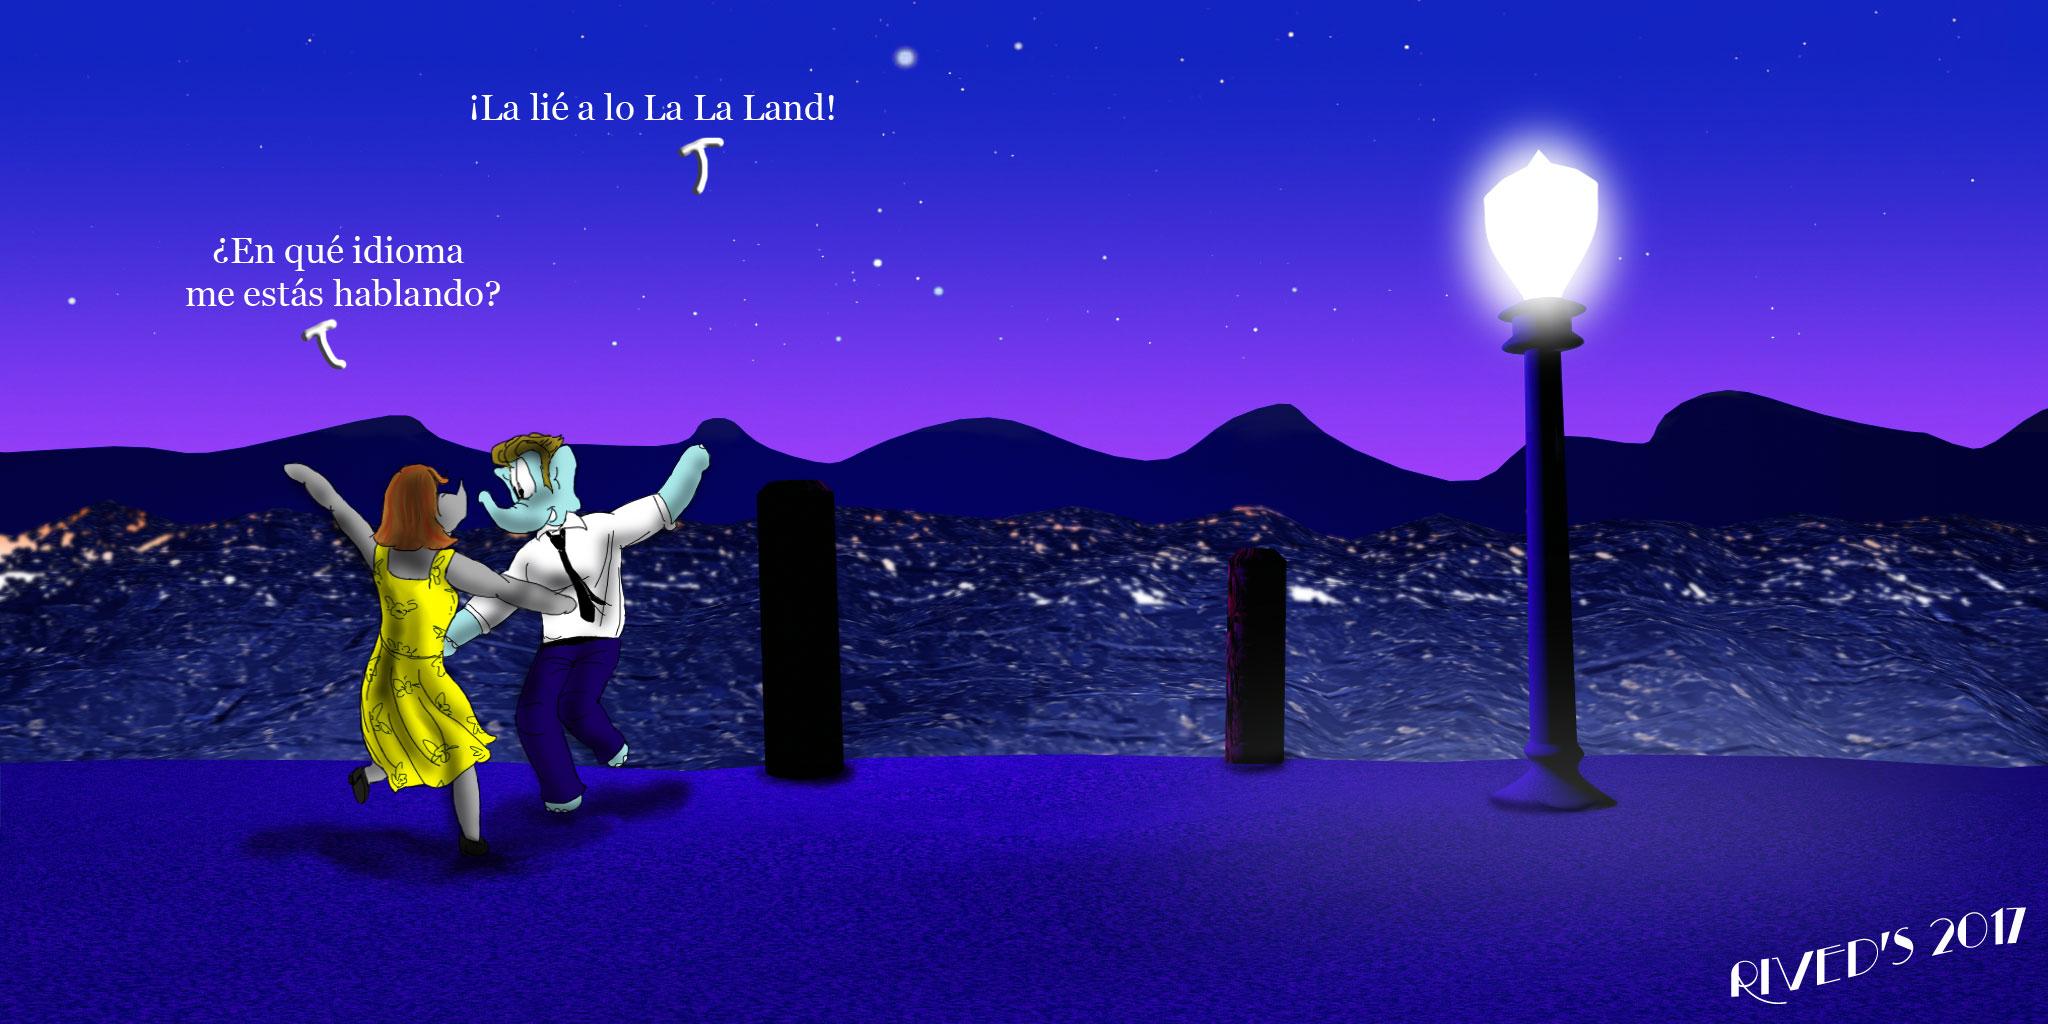 Especial San Valentín 2017: La La Land